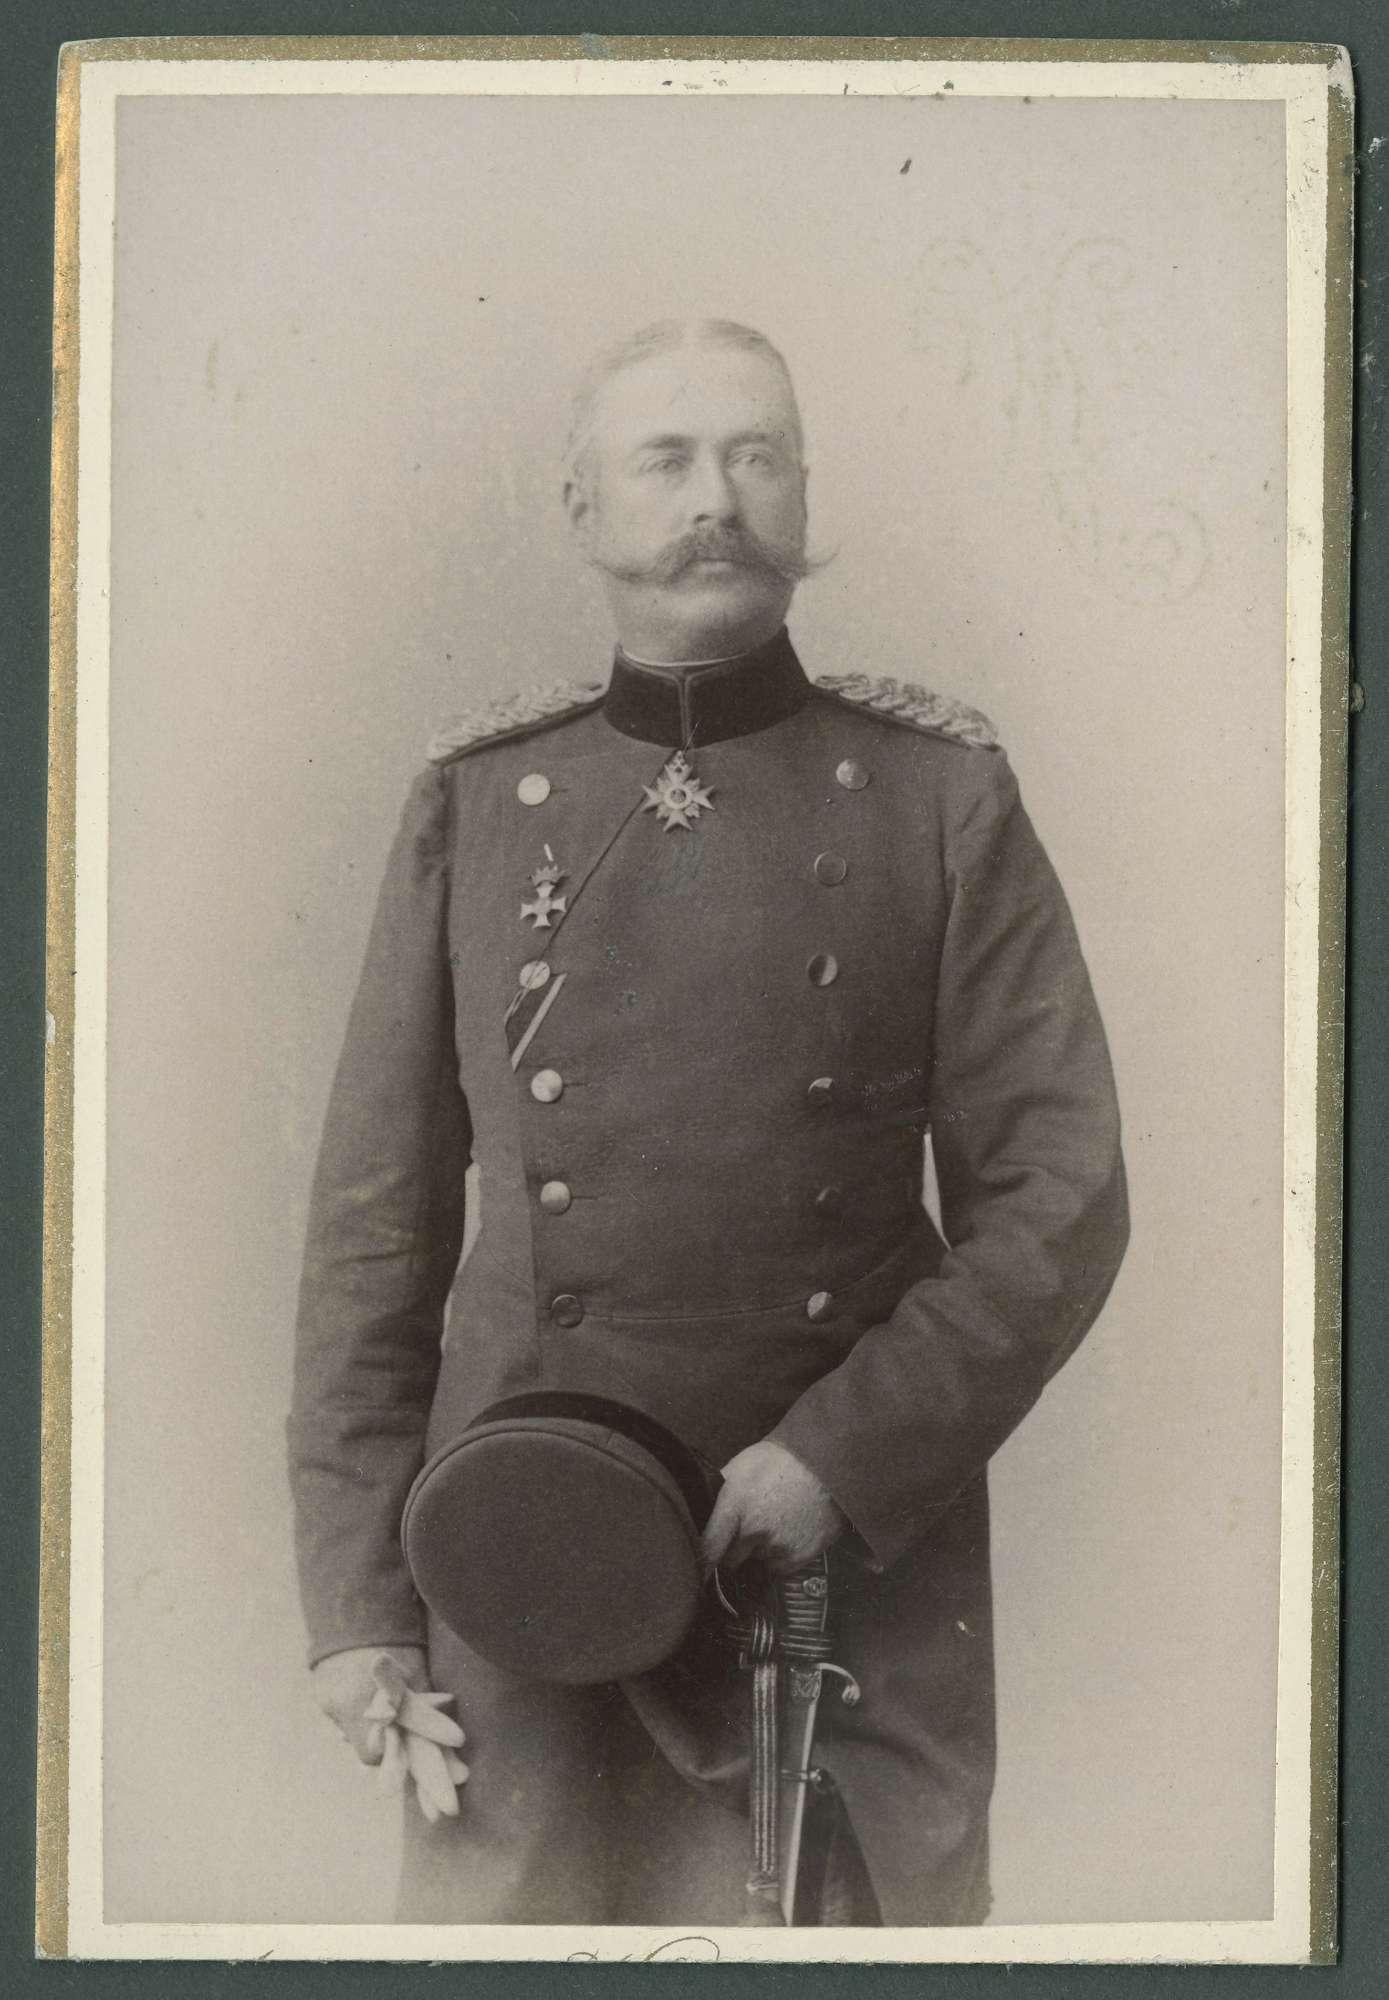 Flaiz, Franz von, Bild 3